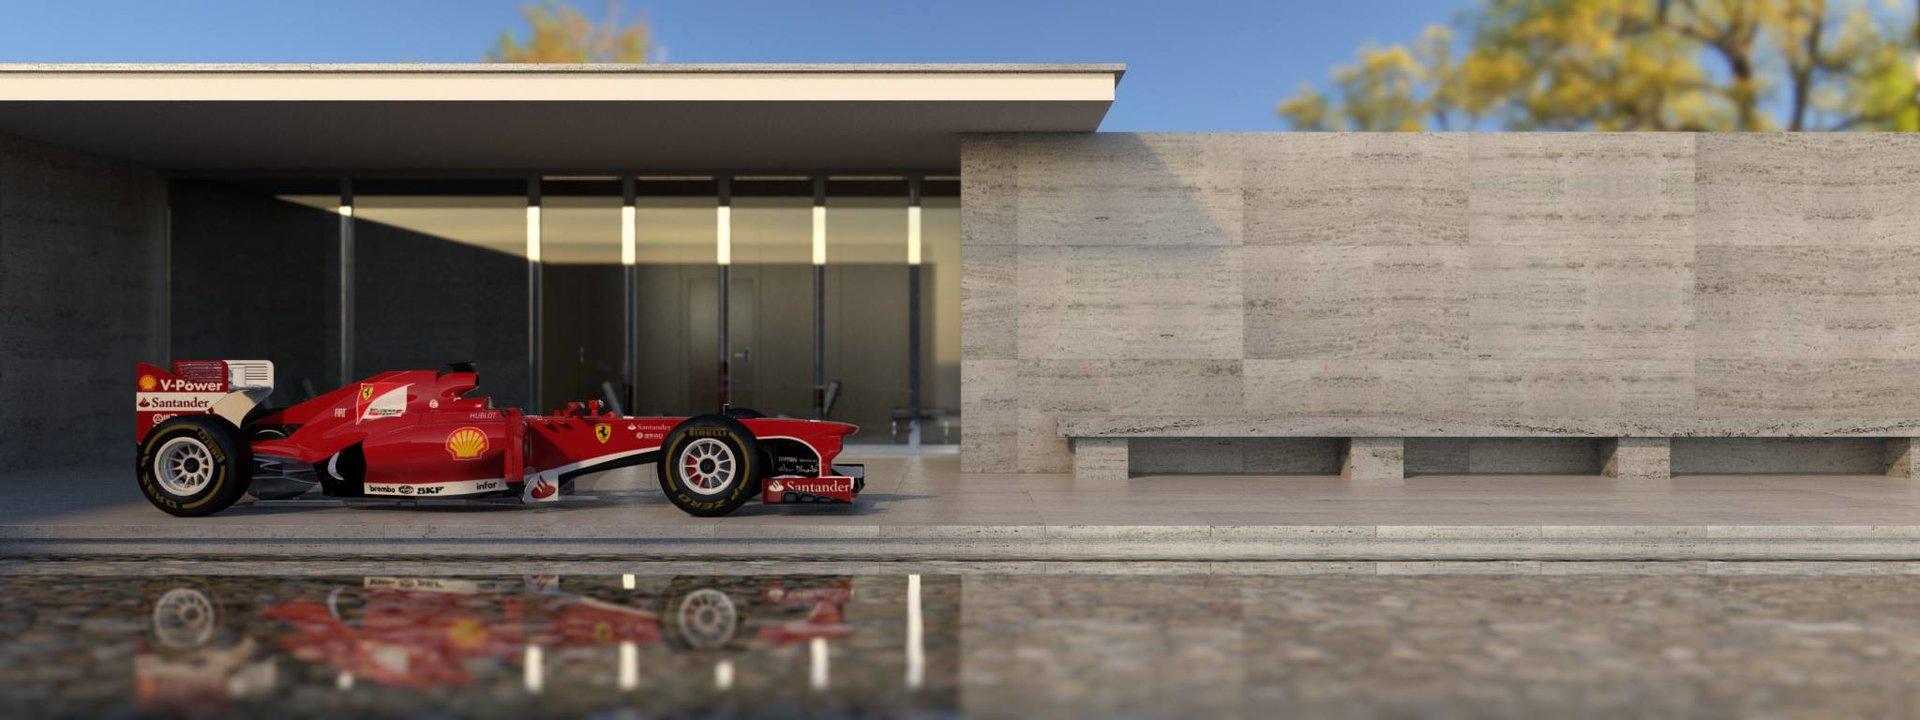 Barcelona pavilion exterior - Daniel Martin 1402922 199848023533124 2035993904 O Exterior Barcelona Pavilion